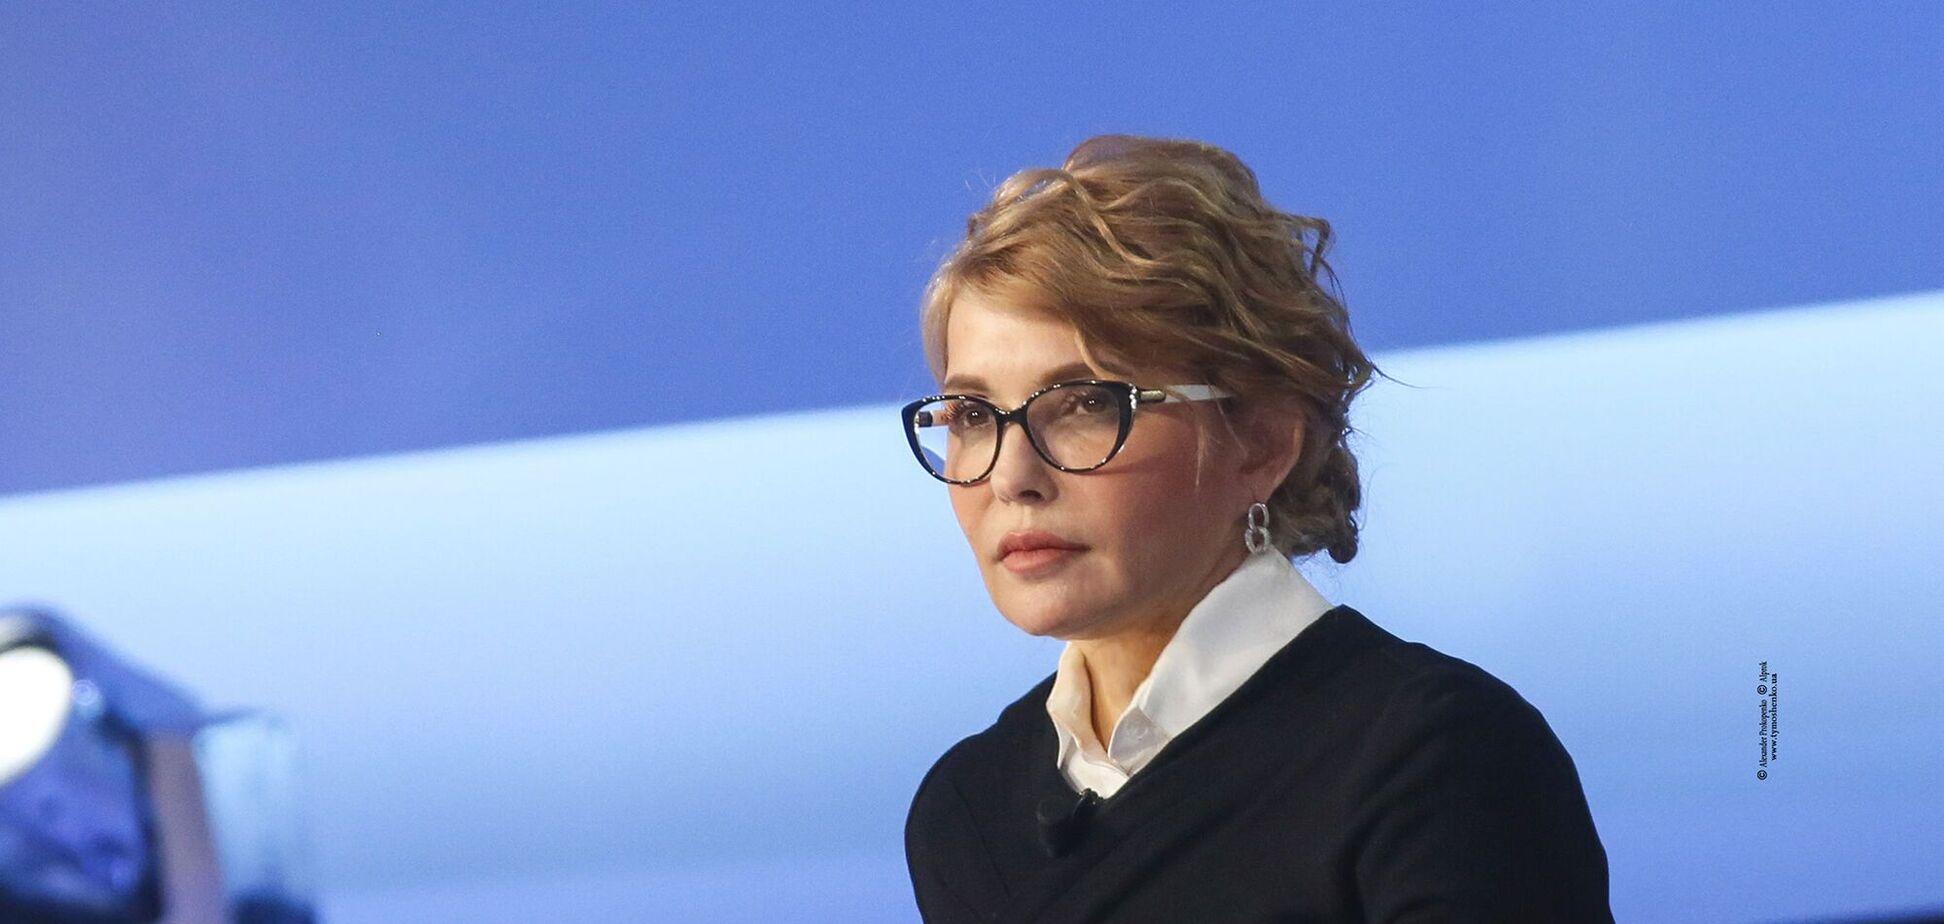 Украинцы видят Тимошенко профессиональной альтернативой нынешней беспомощной власти, – эксперт